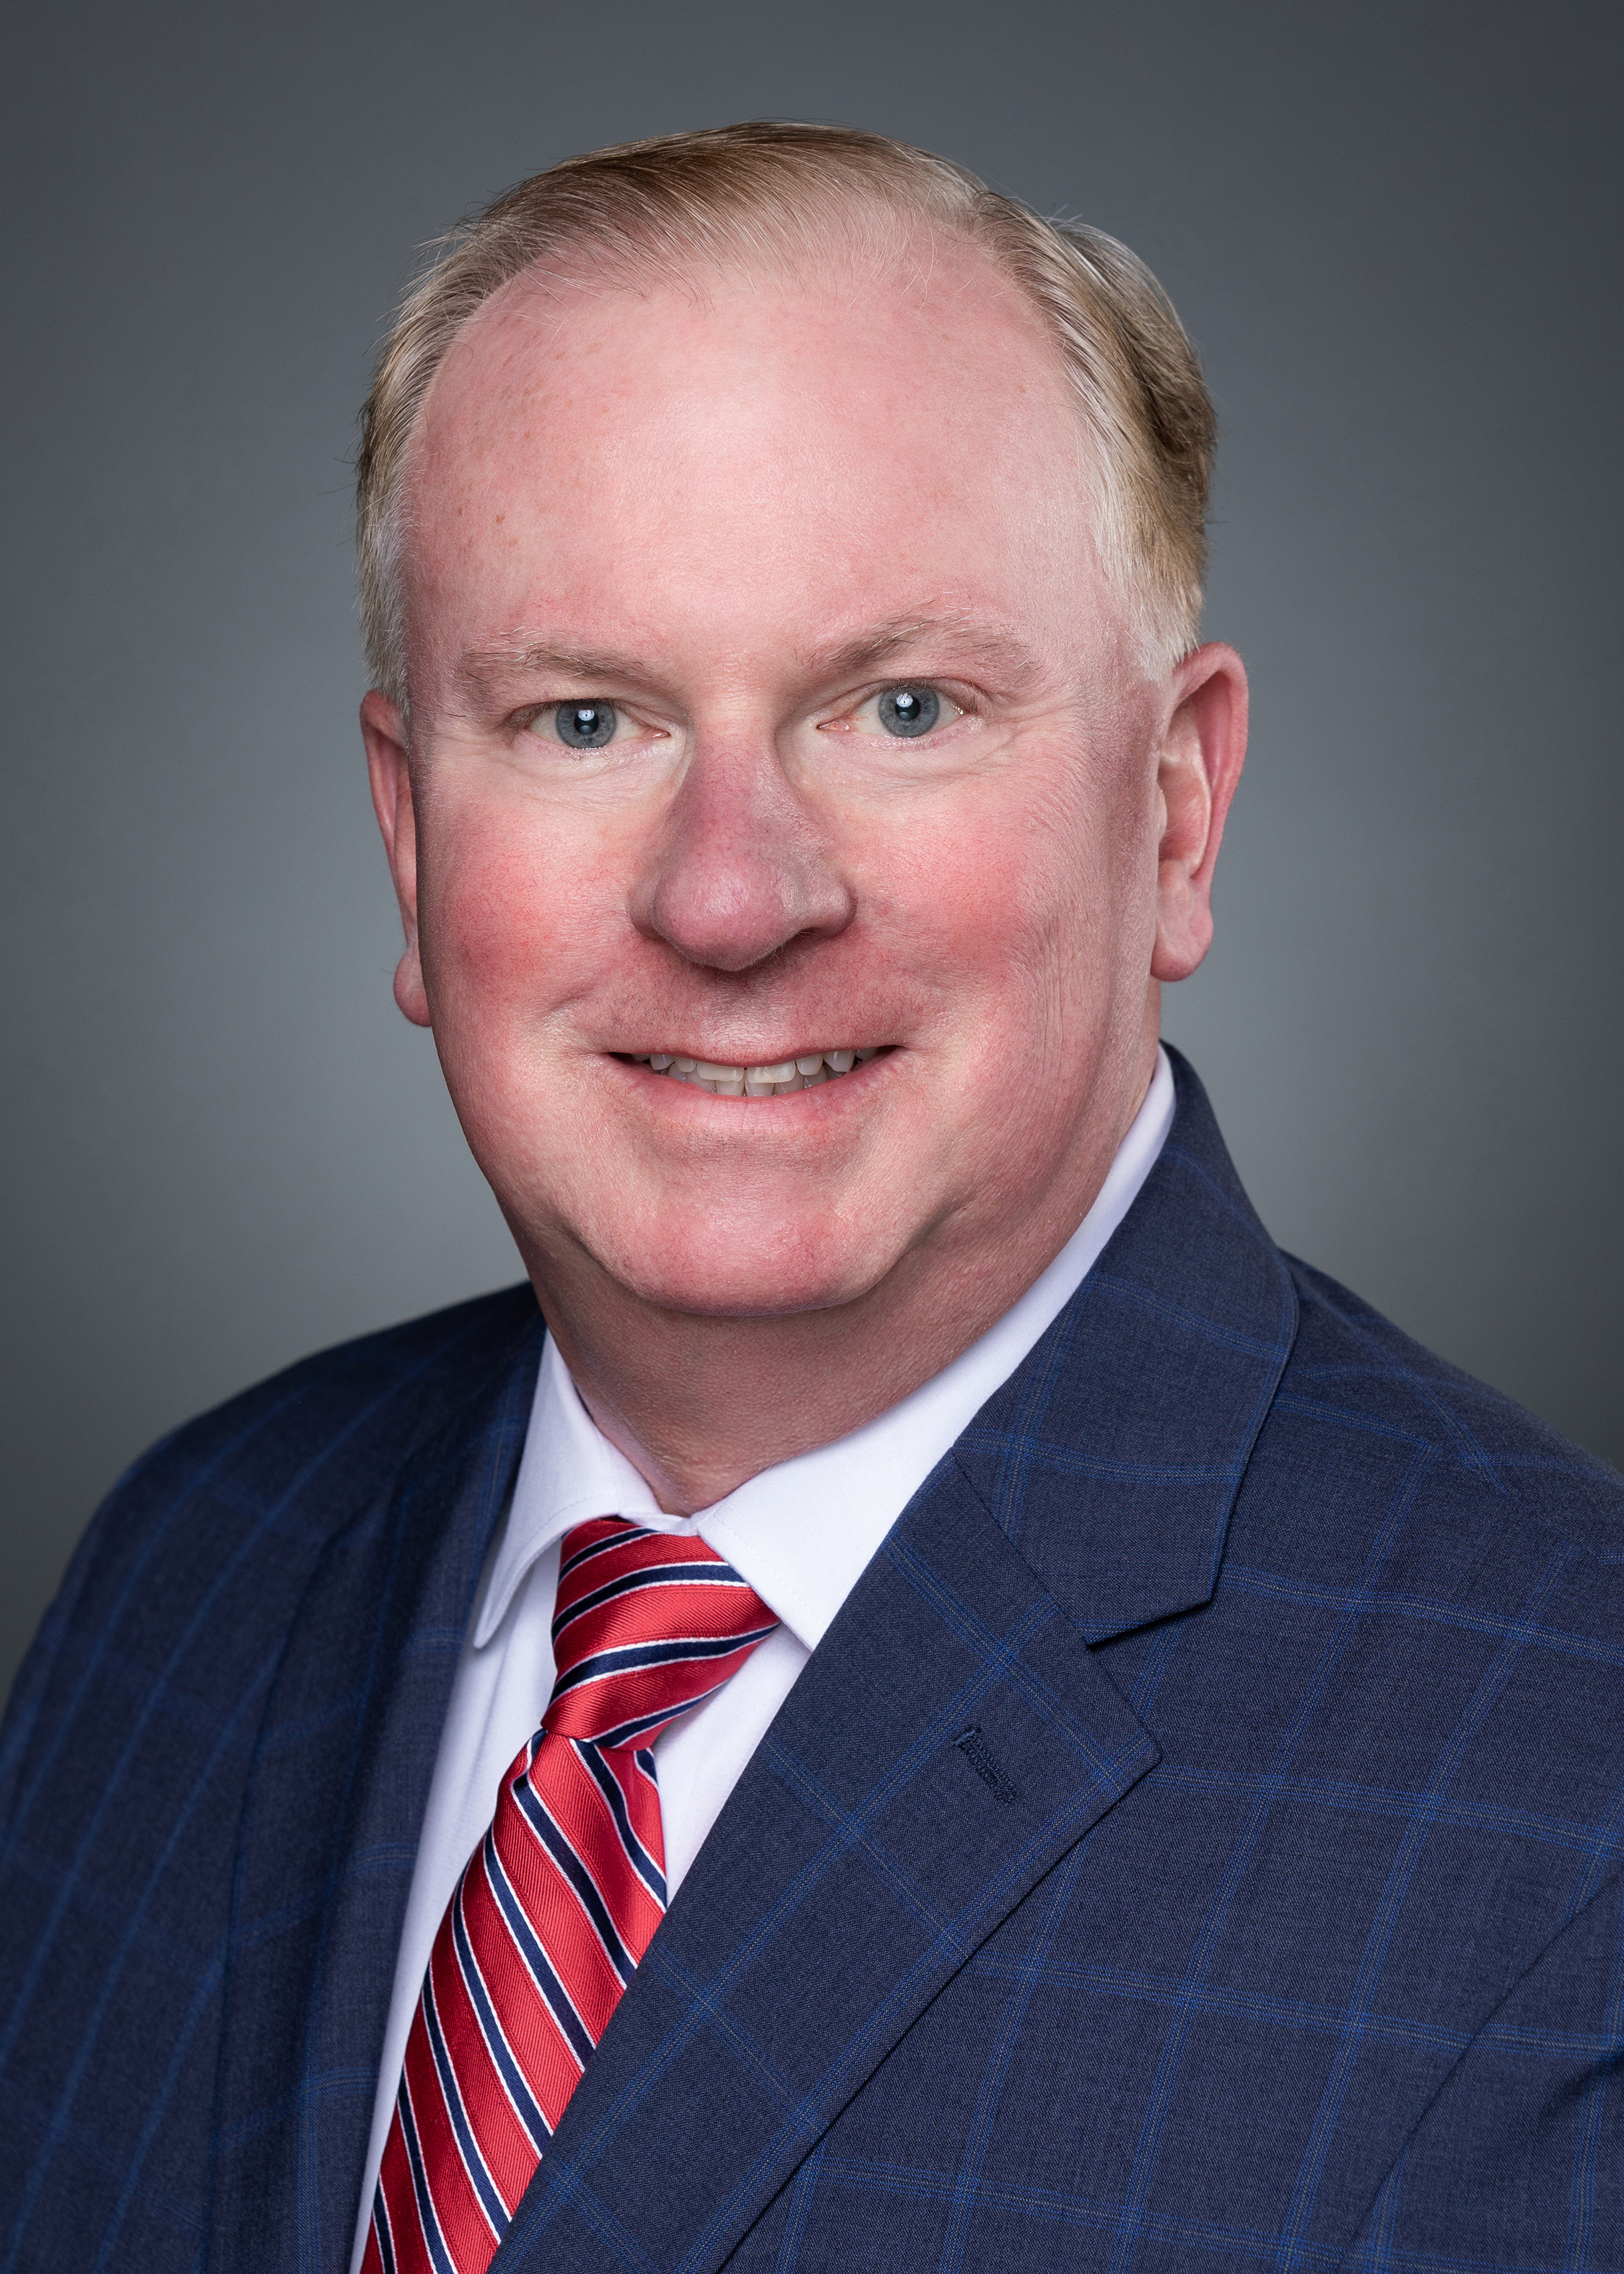 Scott Broughton